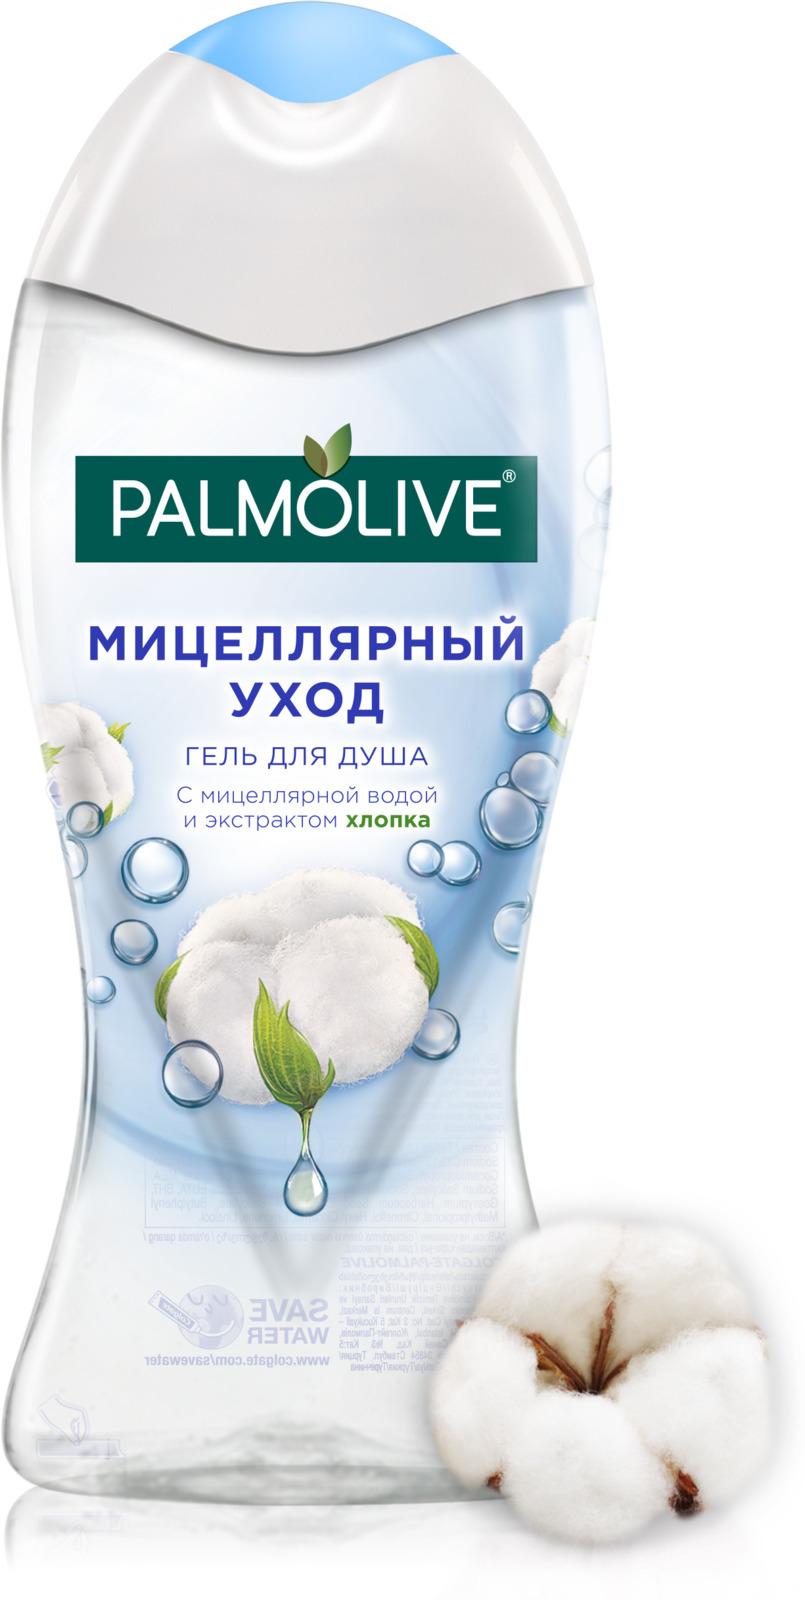 Гель для душа Palmolive Мицеллярный уход, с мицеллярной водой и экстрактом хлопка, 250 мл аука нарушаяритм книга на каждый день